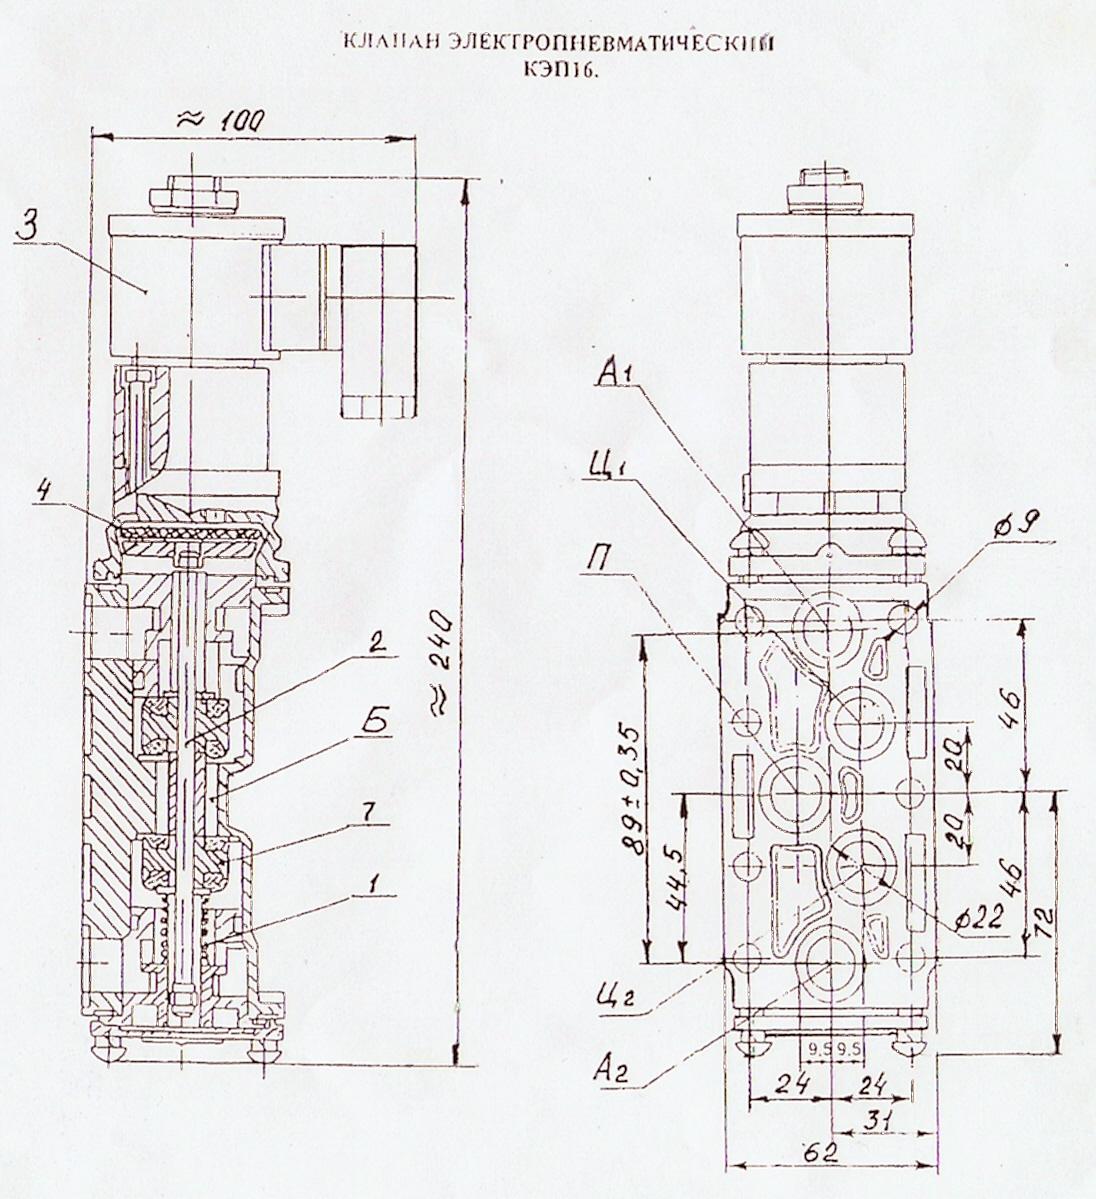 Размеры и описание работы клапана электропневматического КЭП 16-1